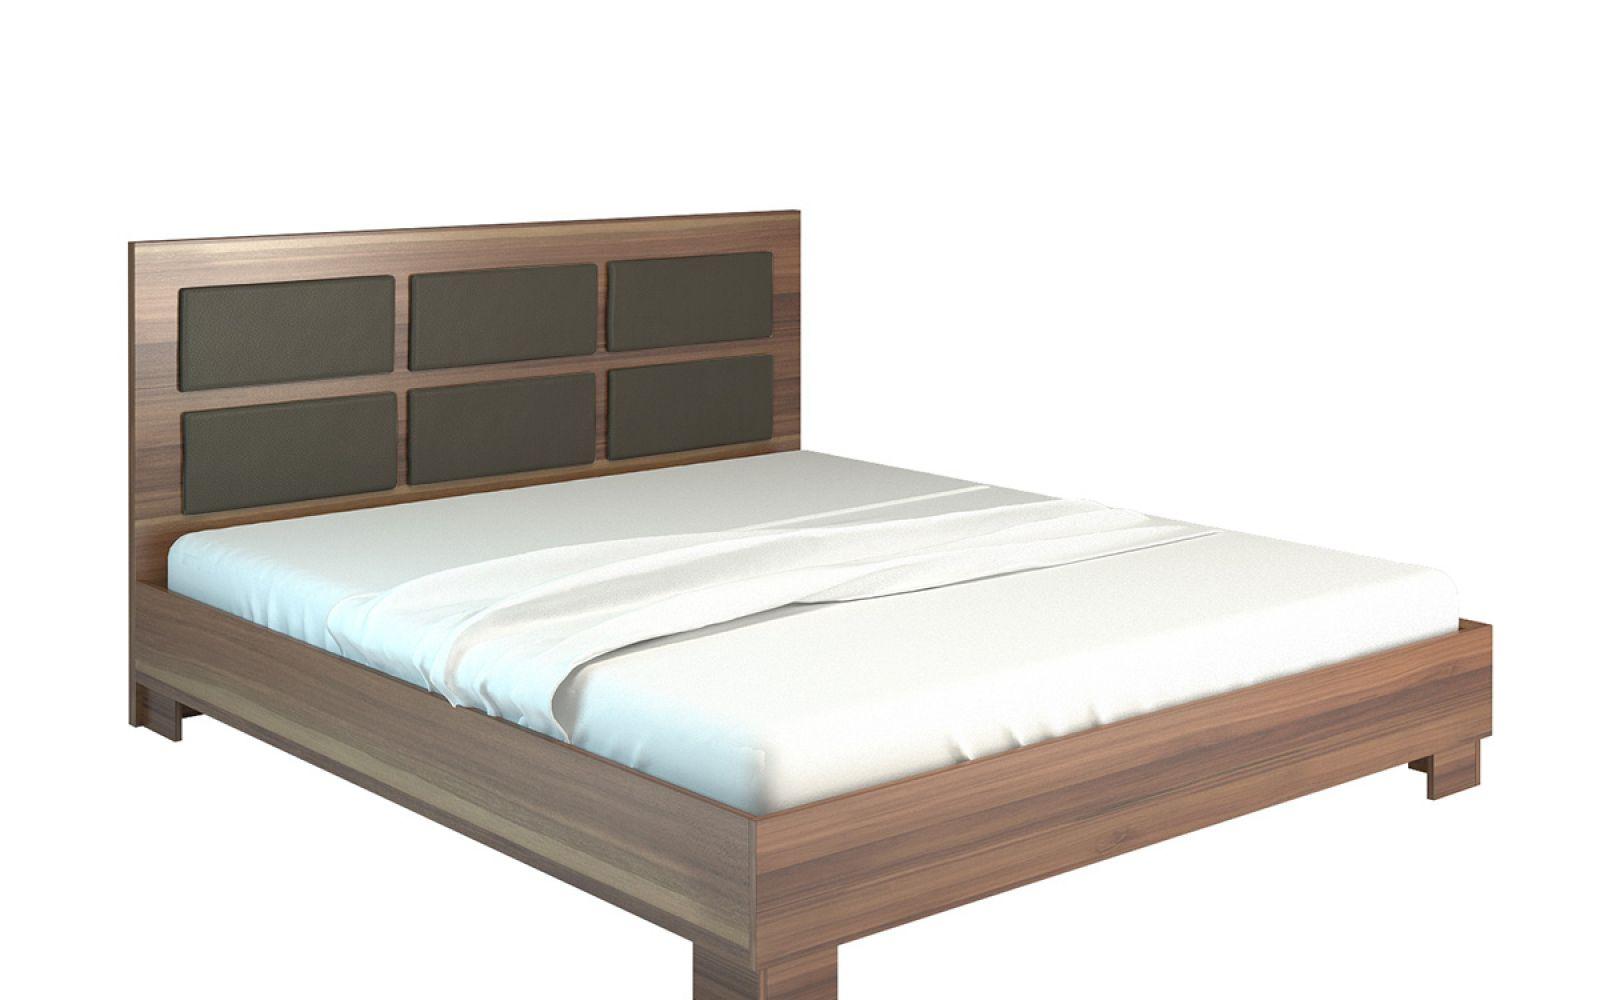 Pat dormitor o persoana Luna 140 cm produs in Romania, comanda online